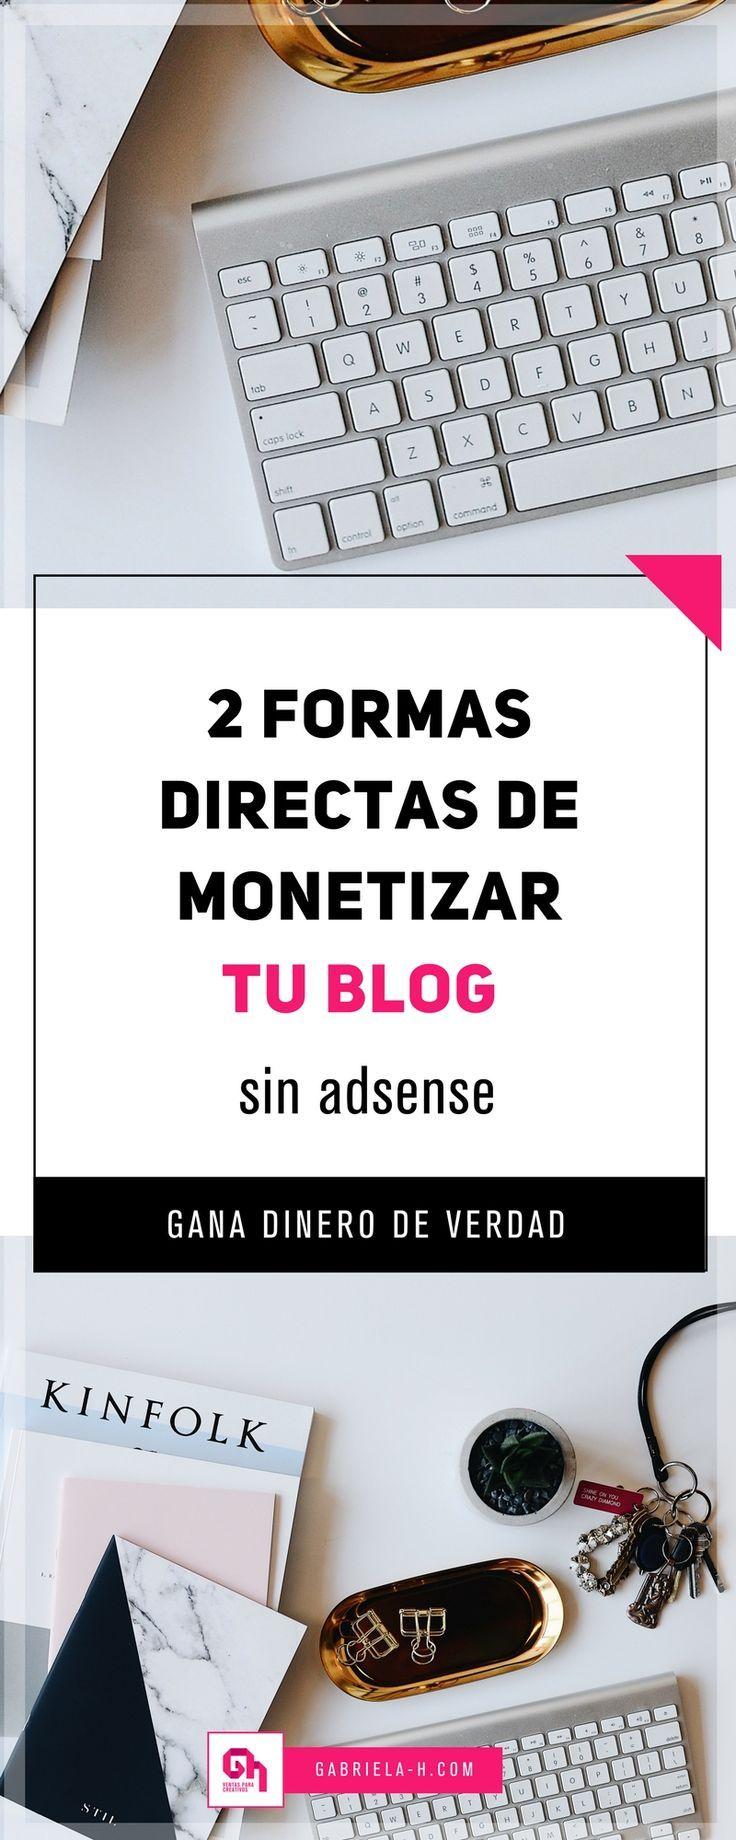 Ya tomaste en serio tu blog. Y ahora, ¿como lo vas a monetizar? En este post te comparto dos formas de monetizar tu blog para que puedas enfocarte a hacerlo este mes.  #blogging #blog #emprenderonline #negociosonline